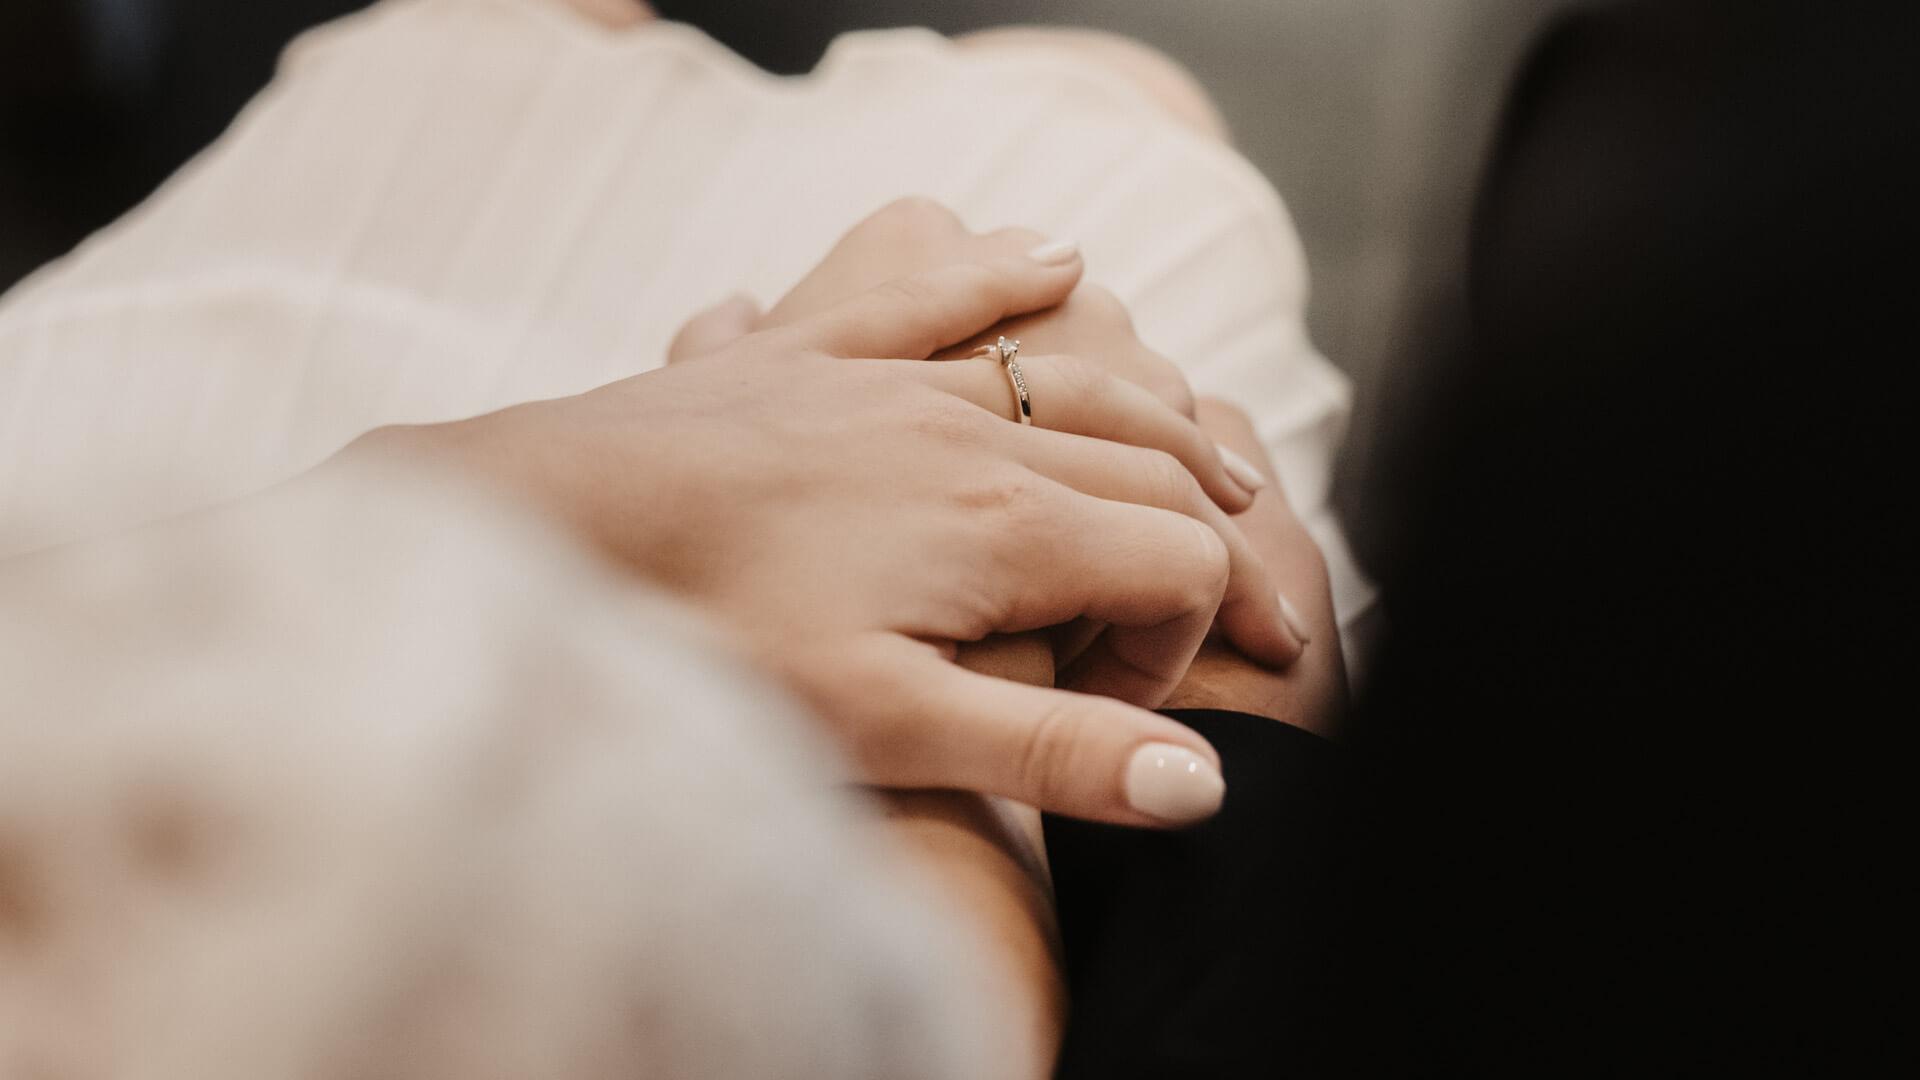 Brautpaar hält sich kurz vor der Trauung die Hände.